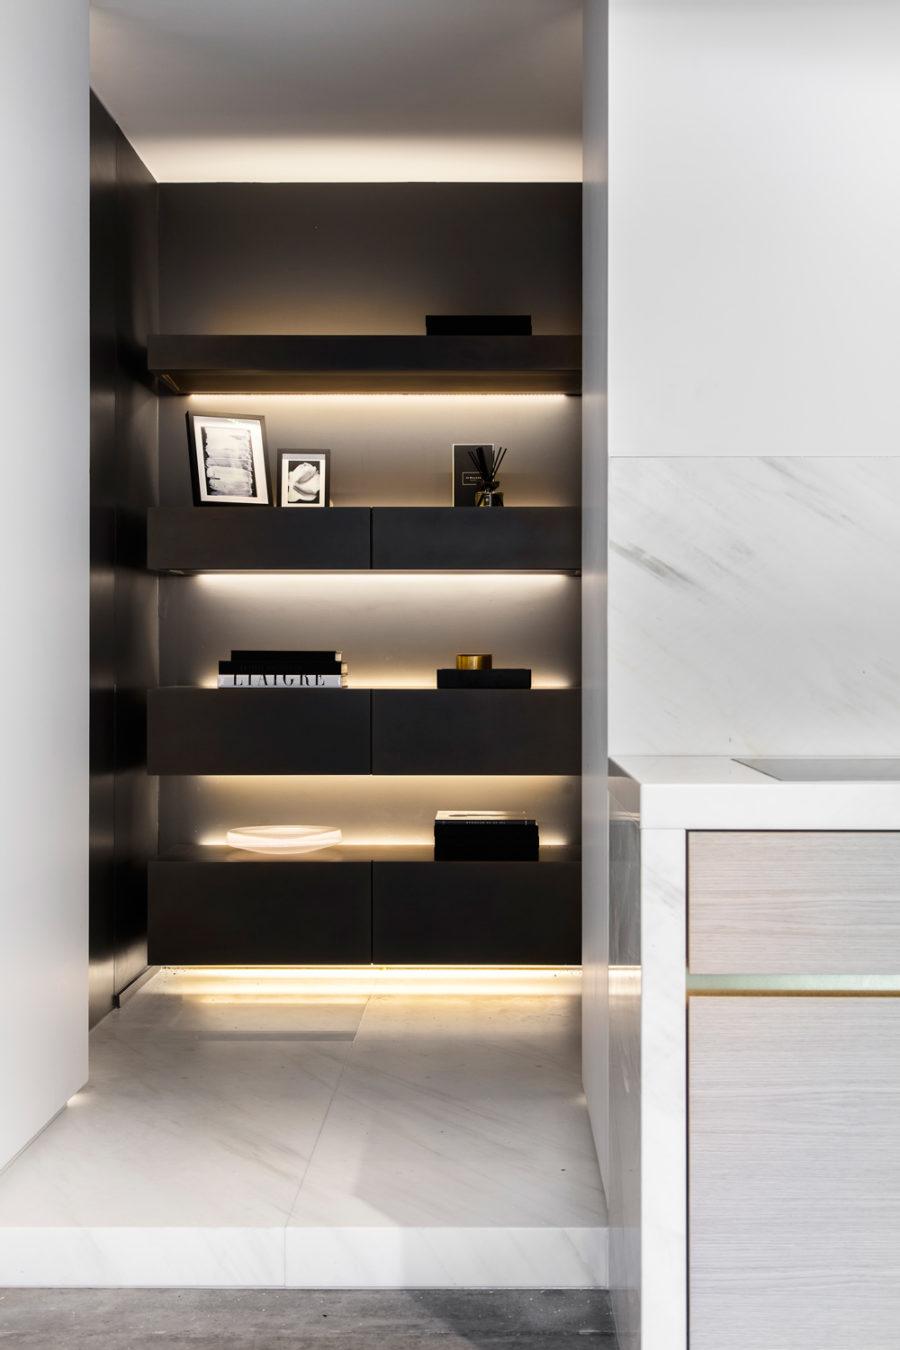 Shelf lighting by Obumex